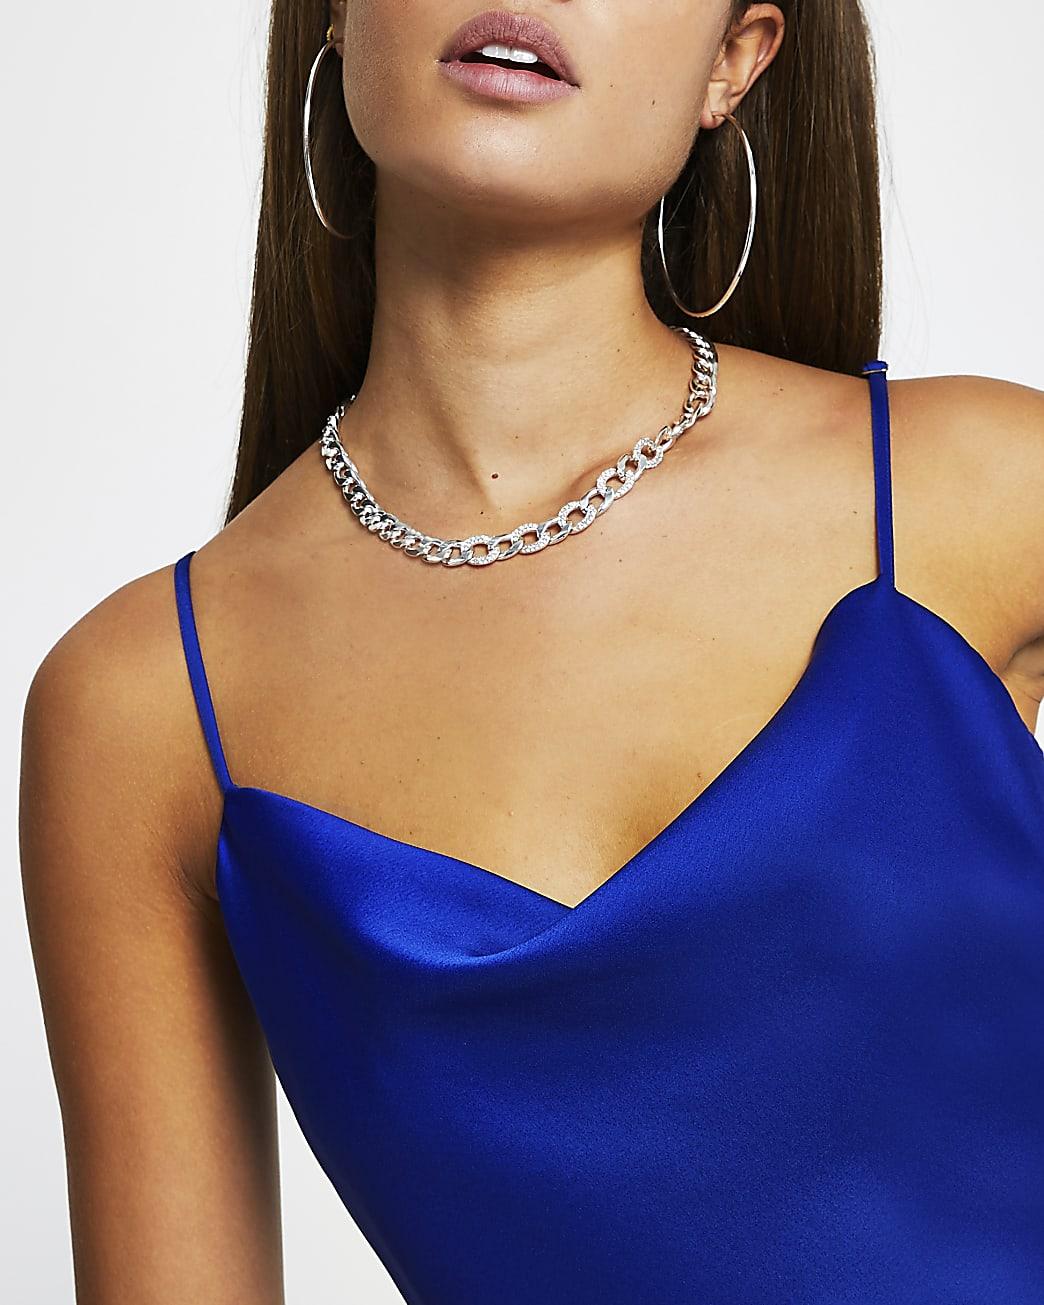 Blue cowl neck sleeveless cami top